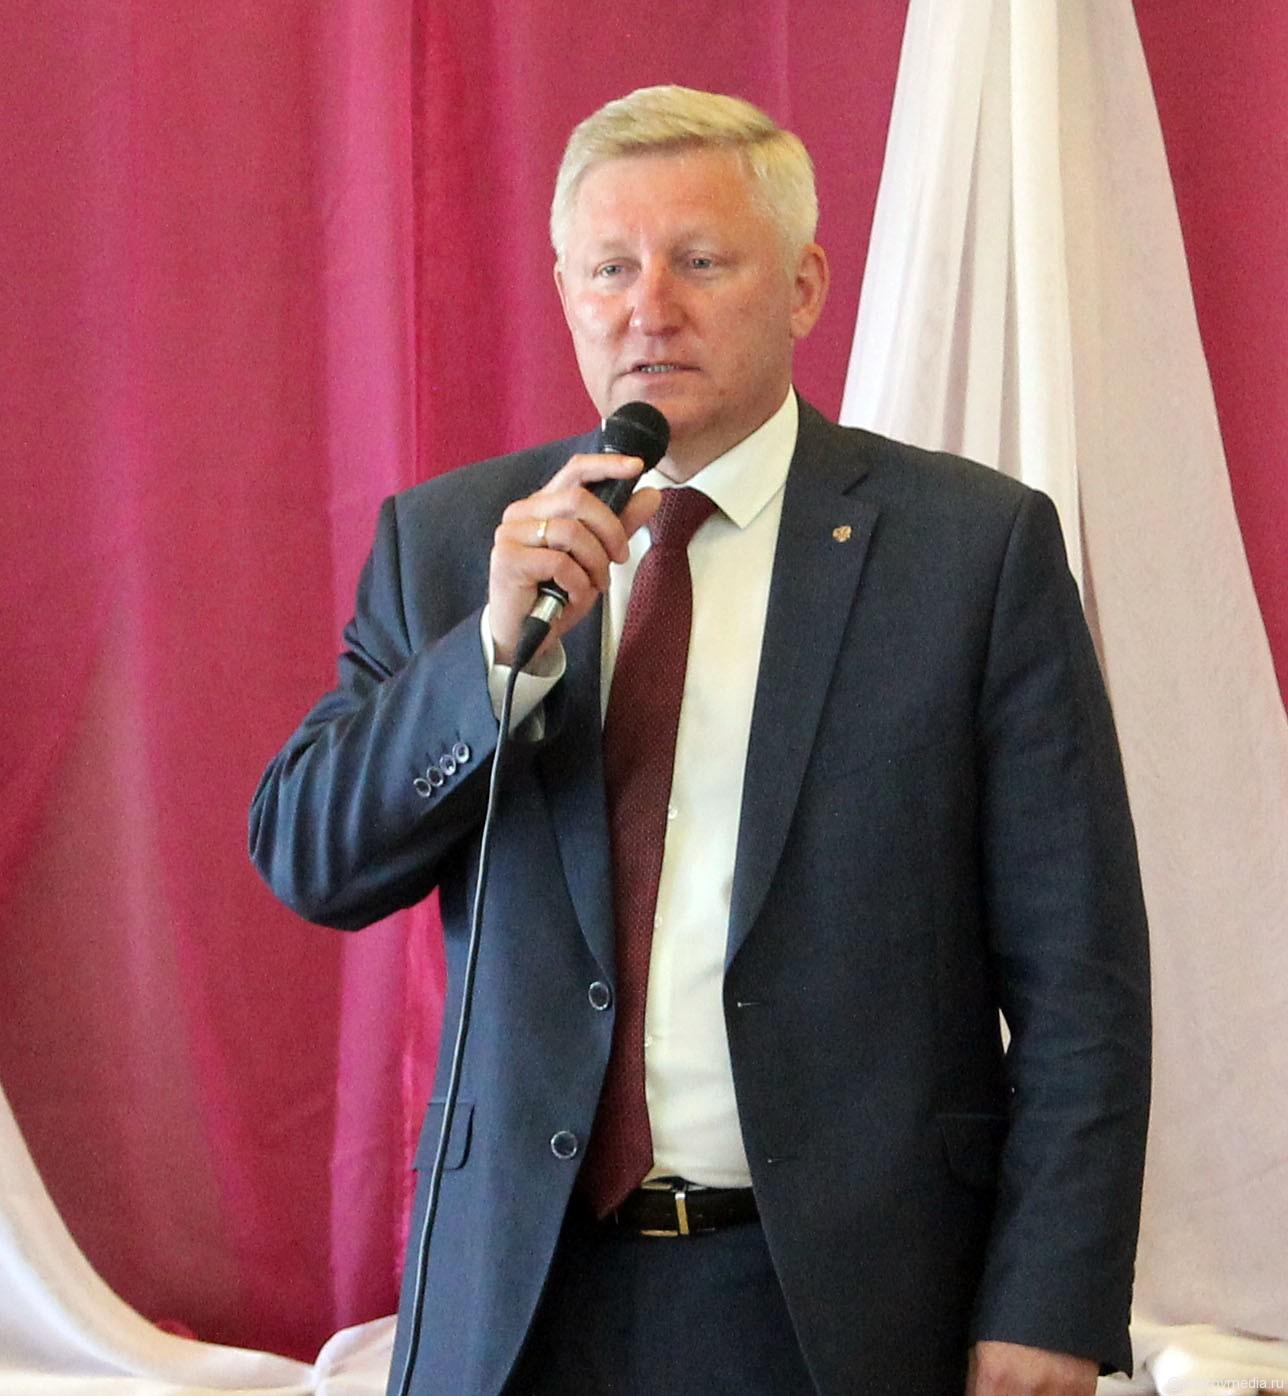 Поздравление от главы Администрации Петушинского района С. Б. Великоцкого.